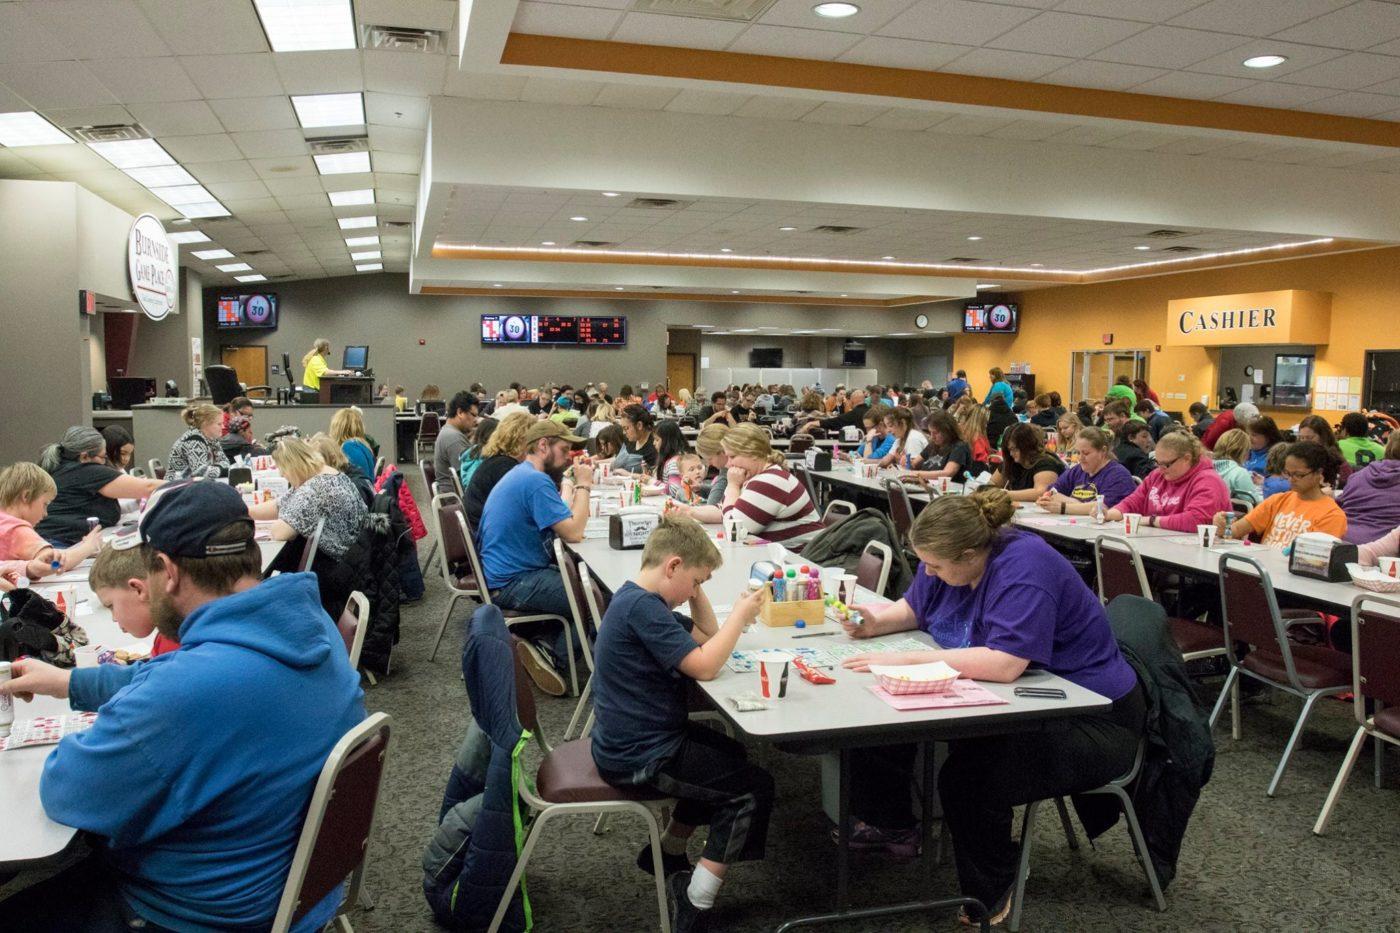 Image of bingo players